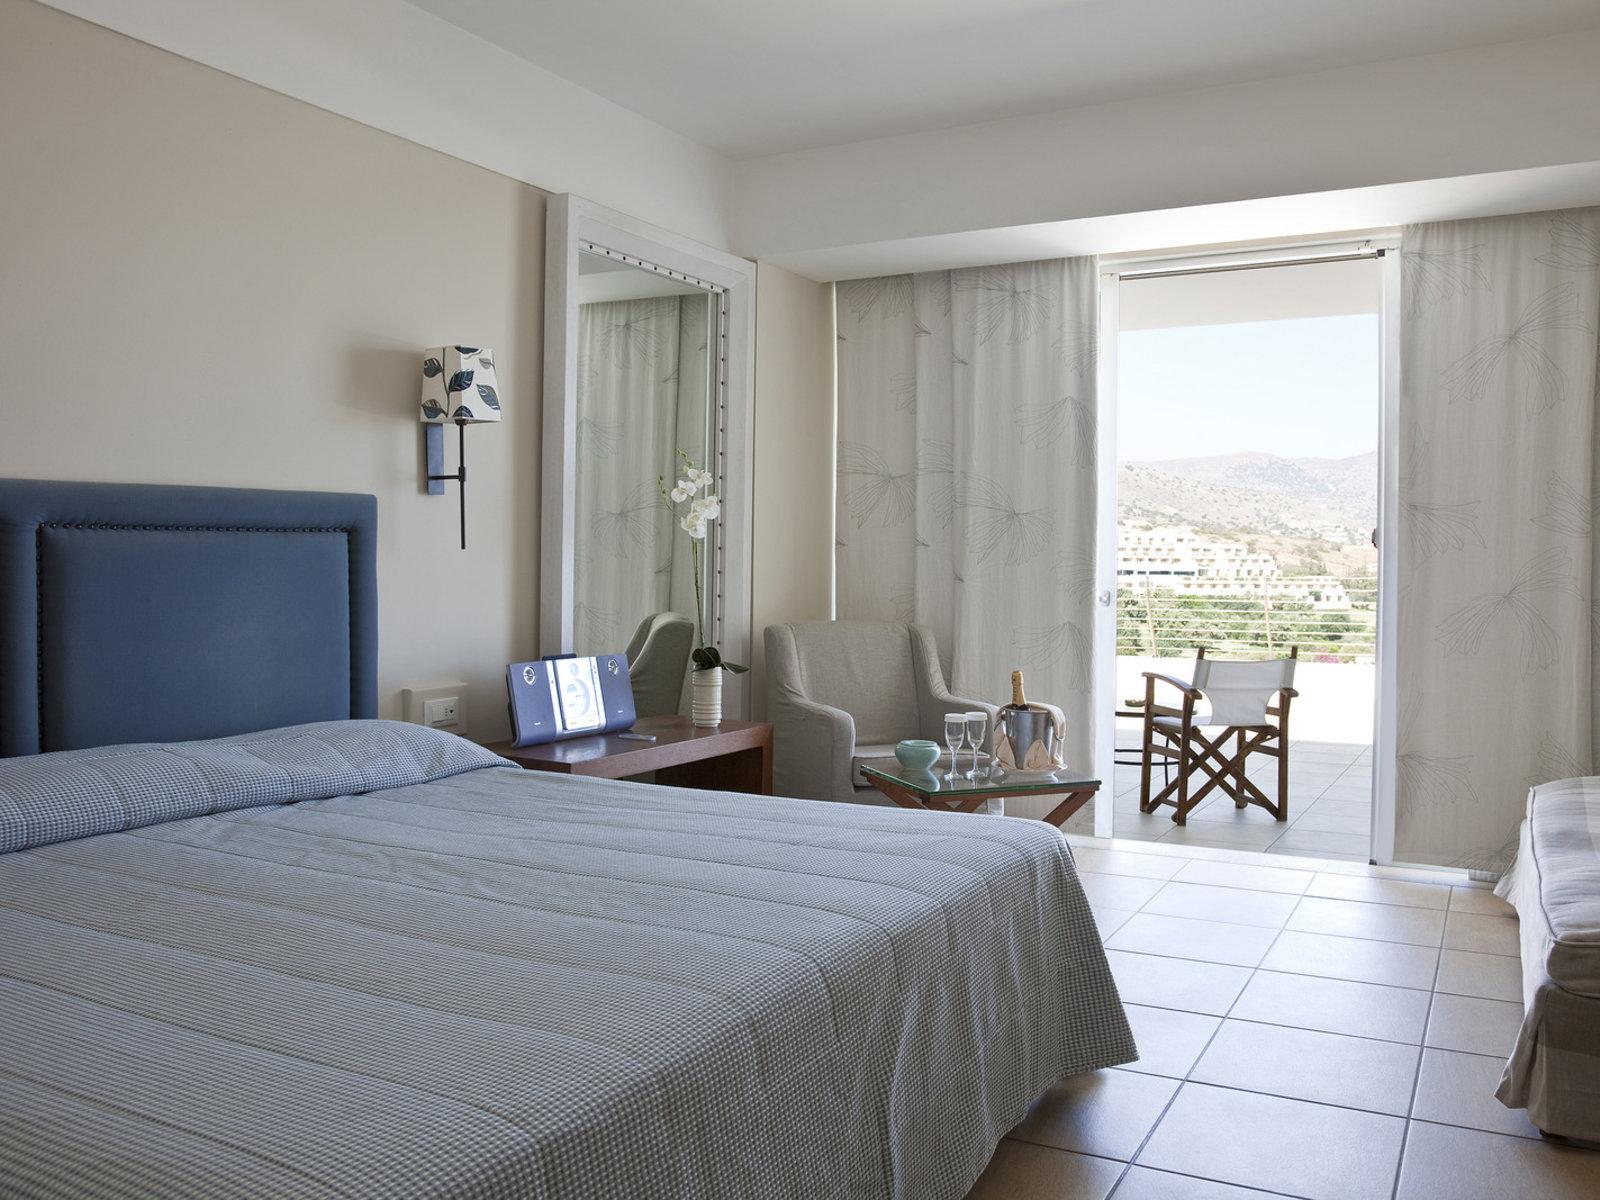 Wohnbeispiel 1 bedroom bungalow suite